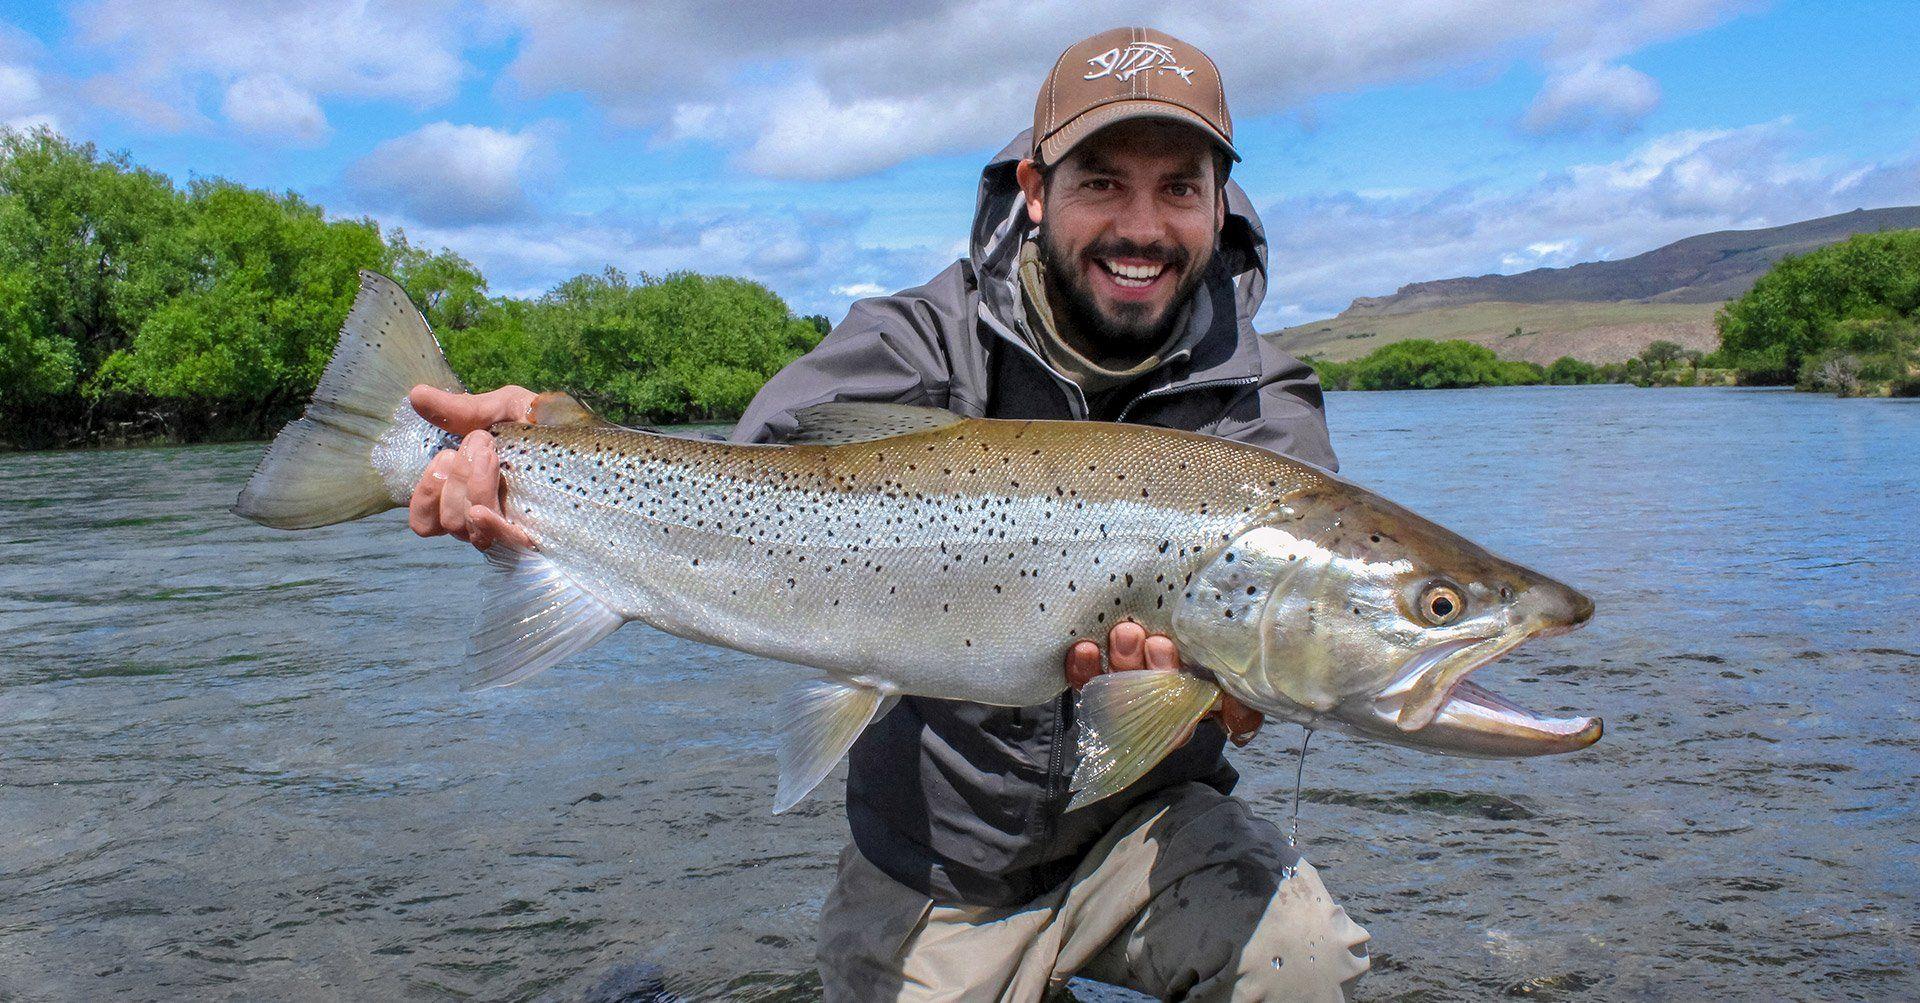 Patagonia Fly Fishing Patagonia Fishing Guides Fly Fishing Argentina Fishing Fishing Guide